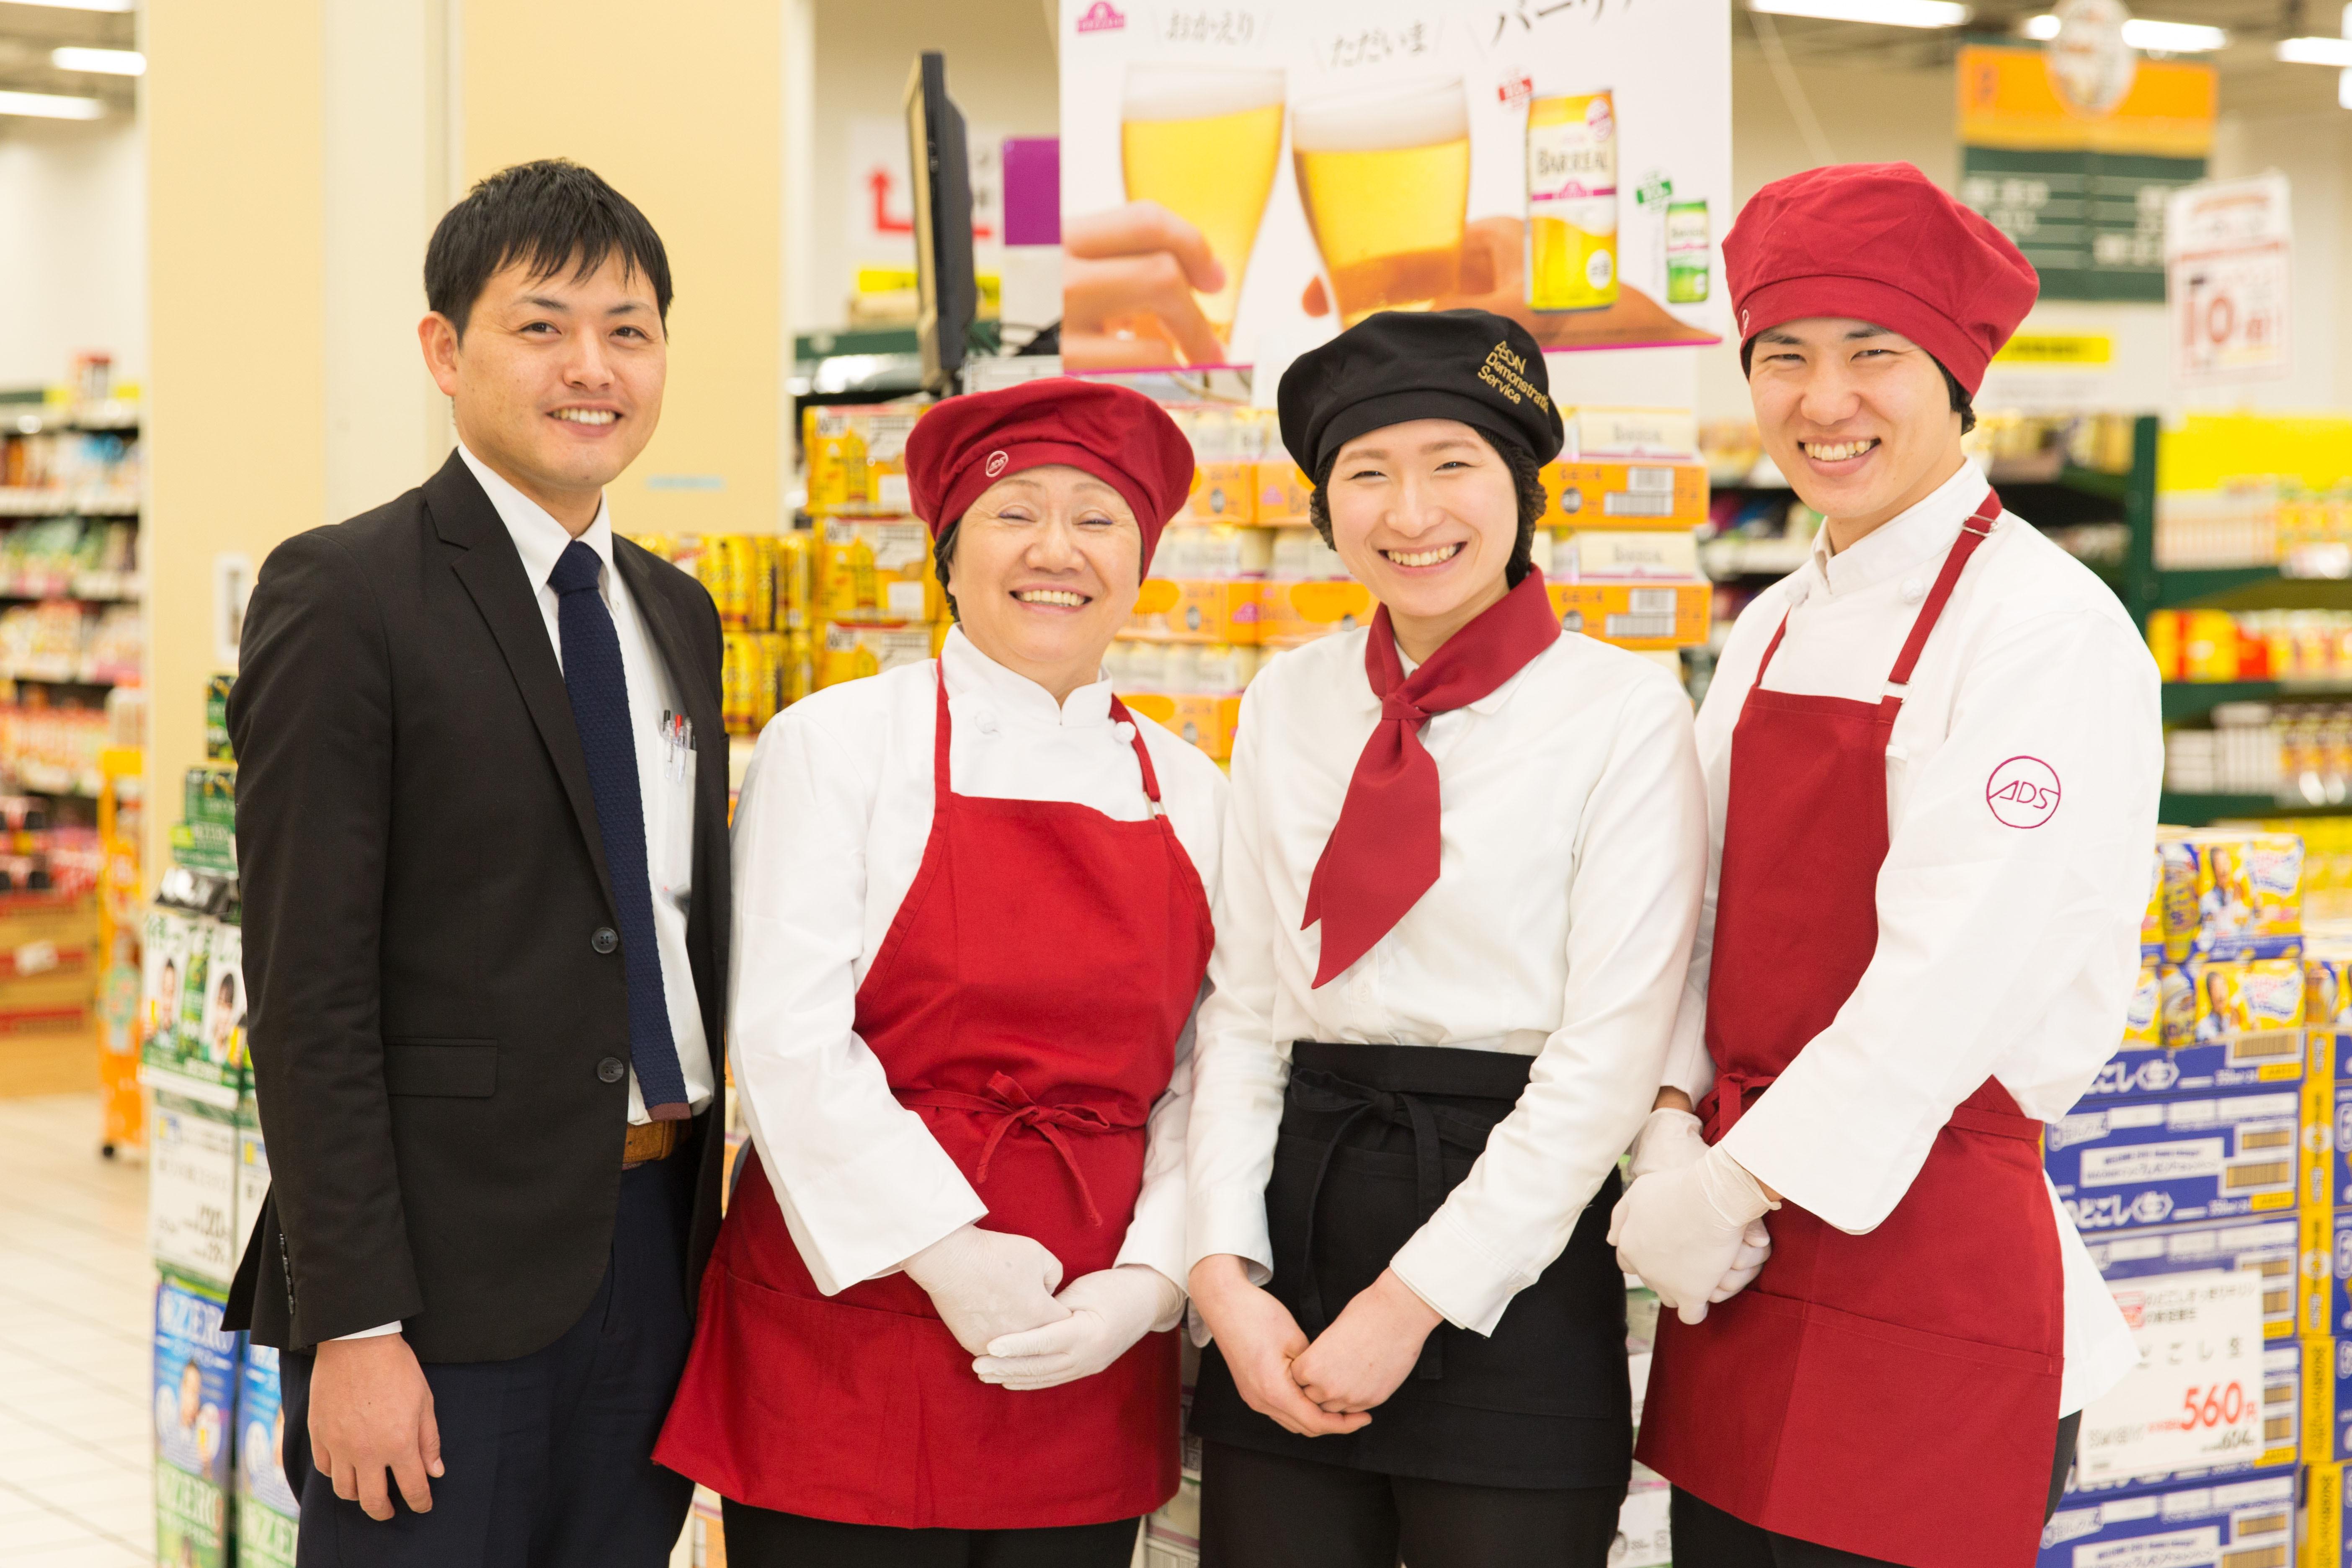 イオン 天童店 のアルバイト情報